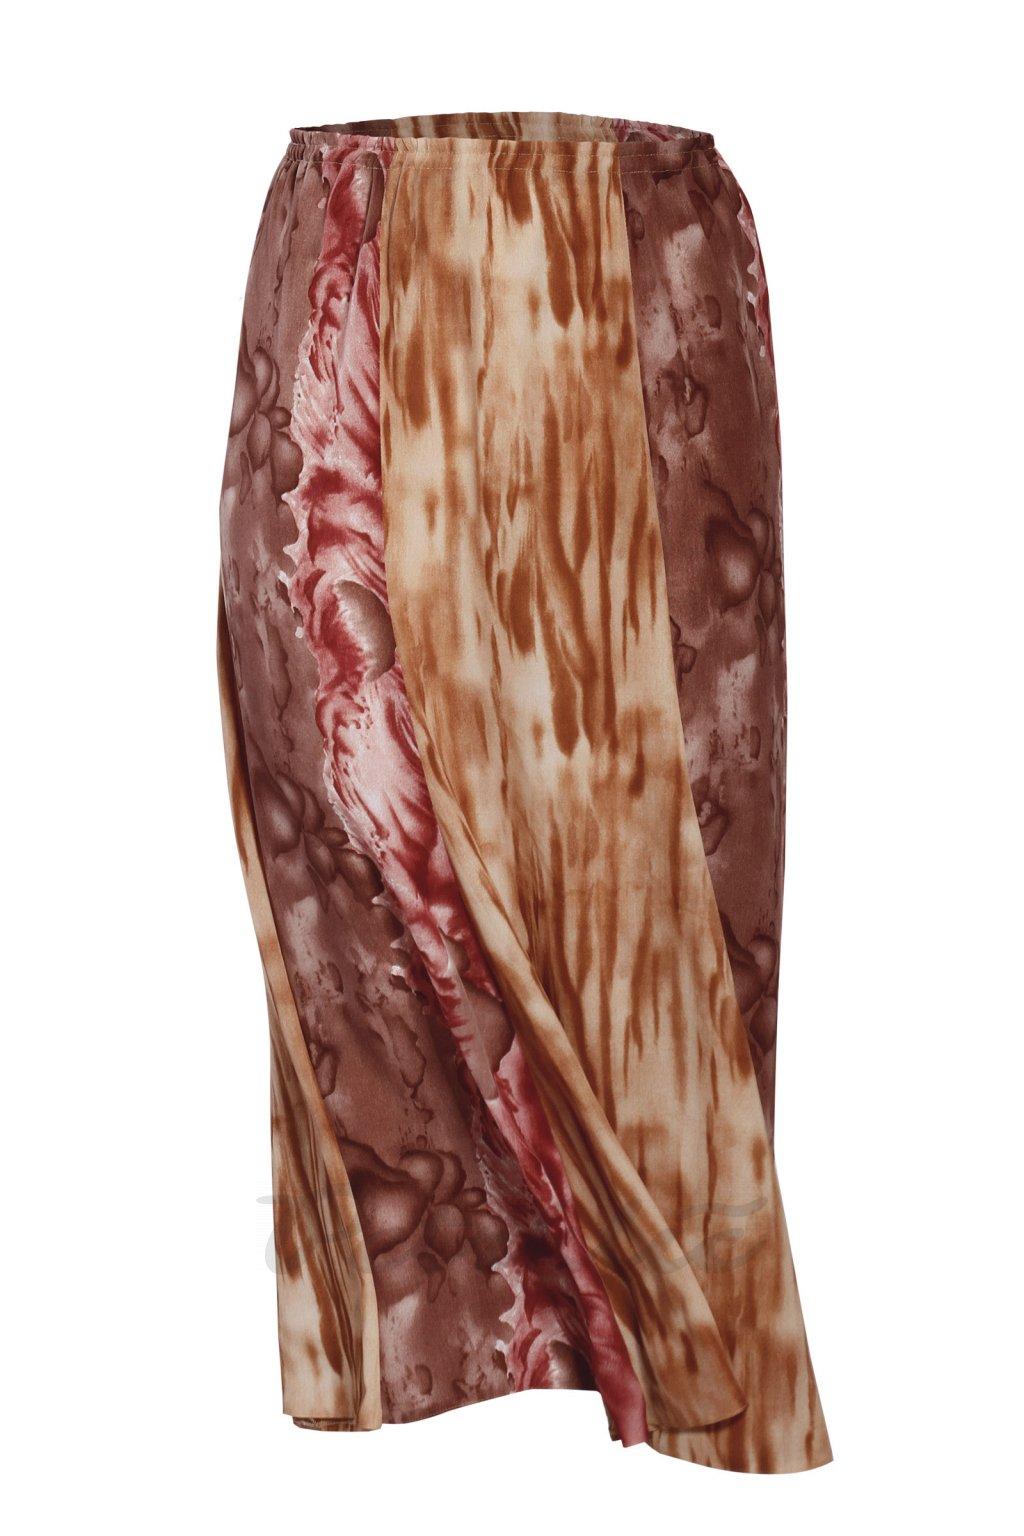 KLÁRA šestidílová maxi sukně